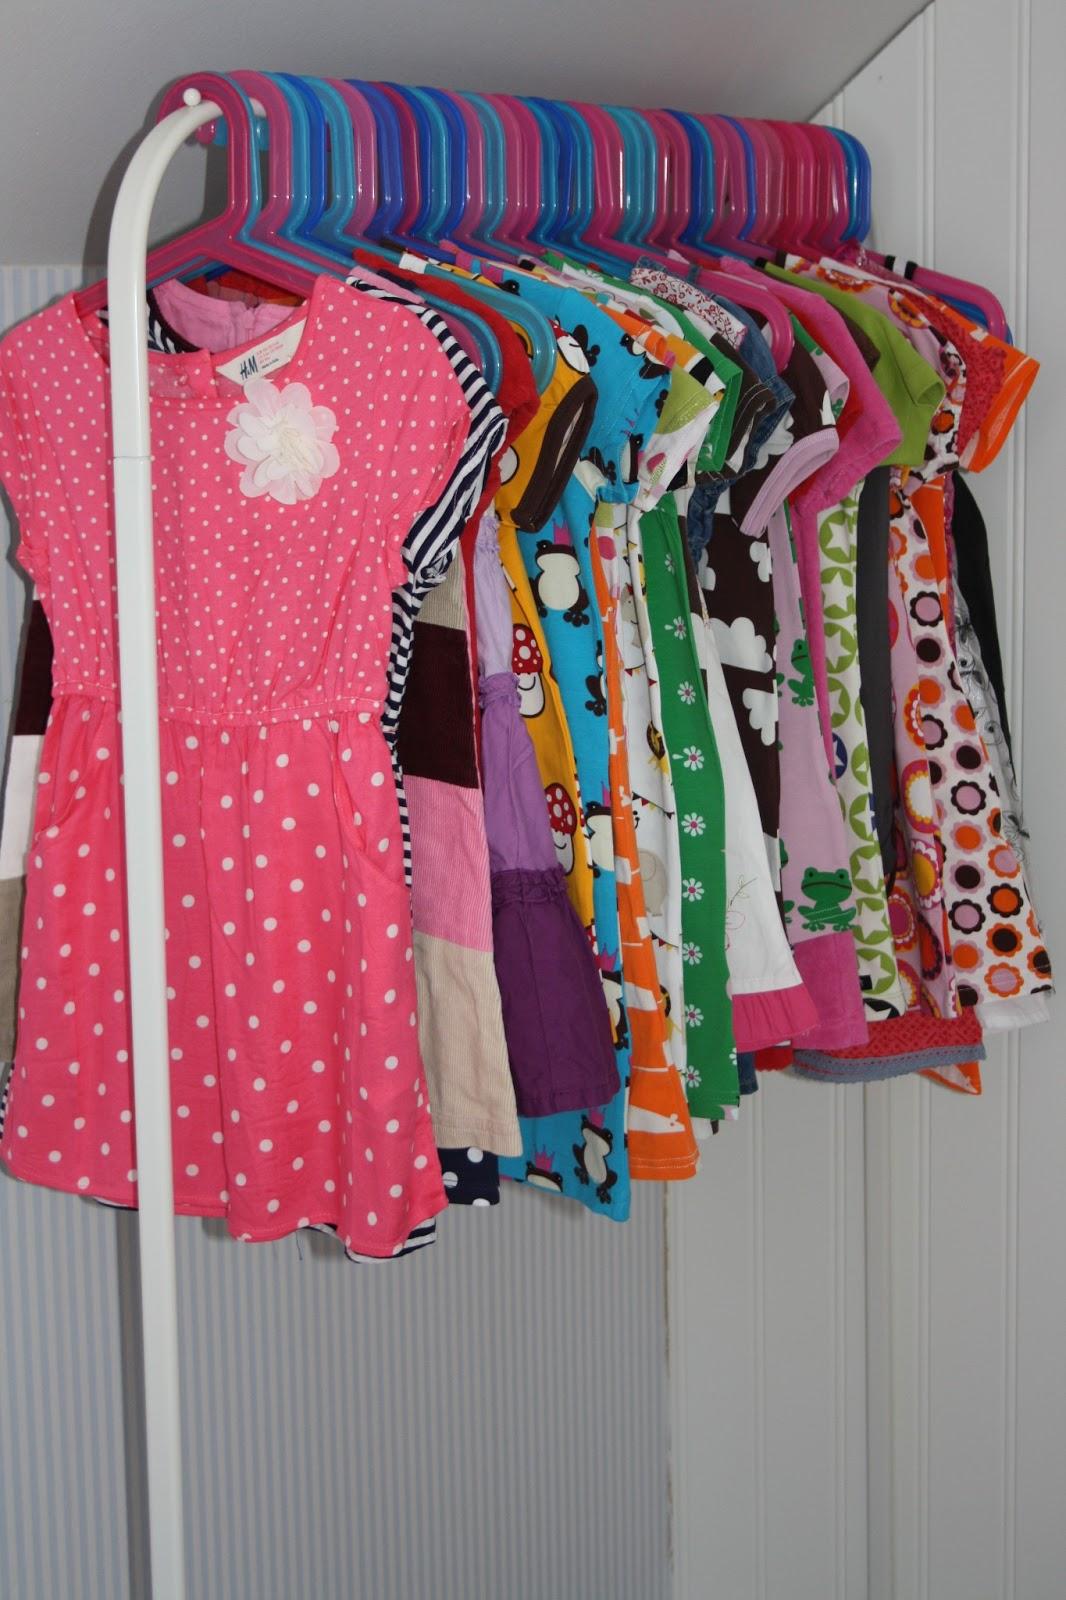 Lantligt i smultronbacken my home Klädställning a u00b4 la snyggt, billigt och praktiskt